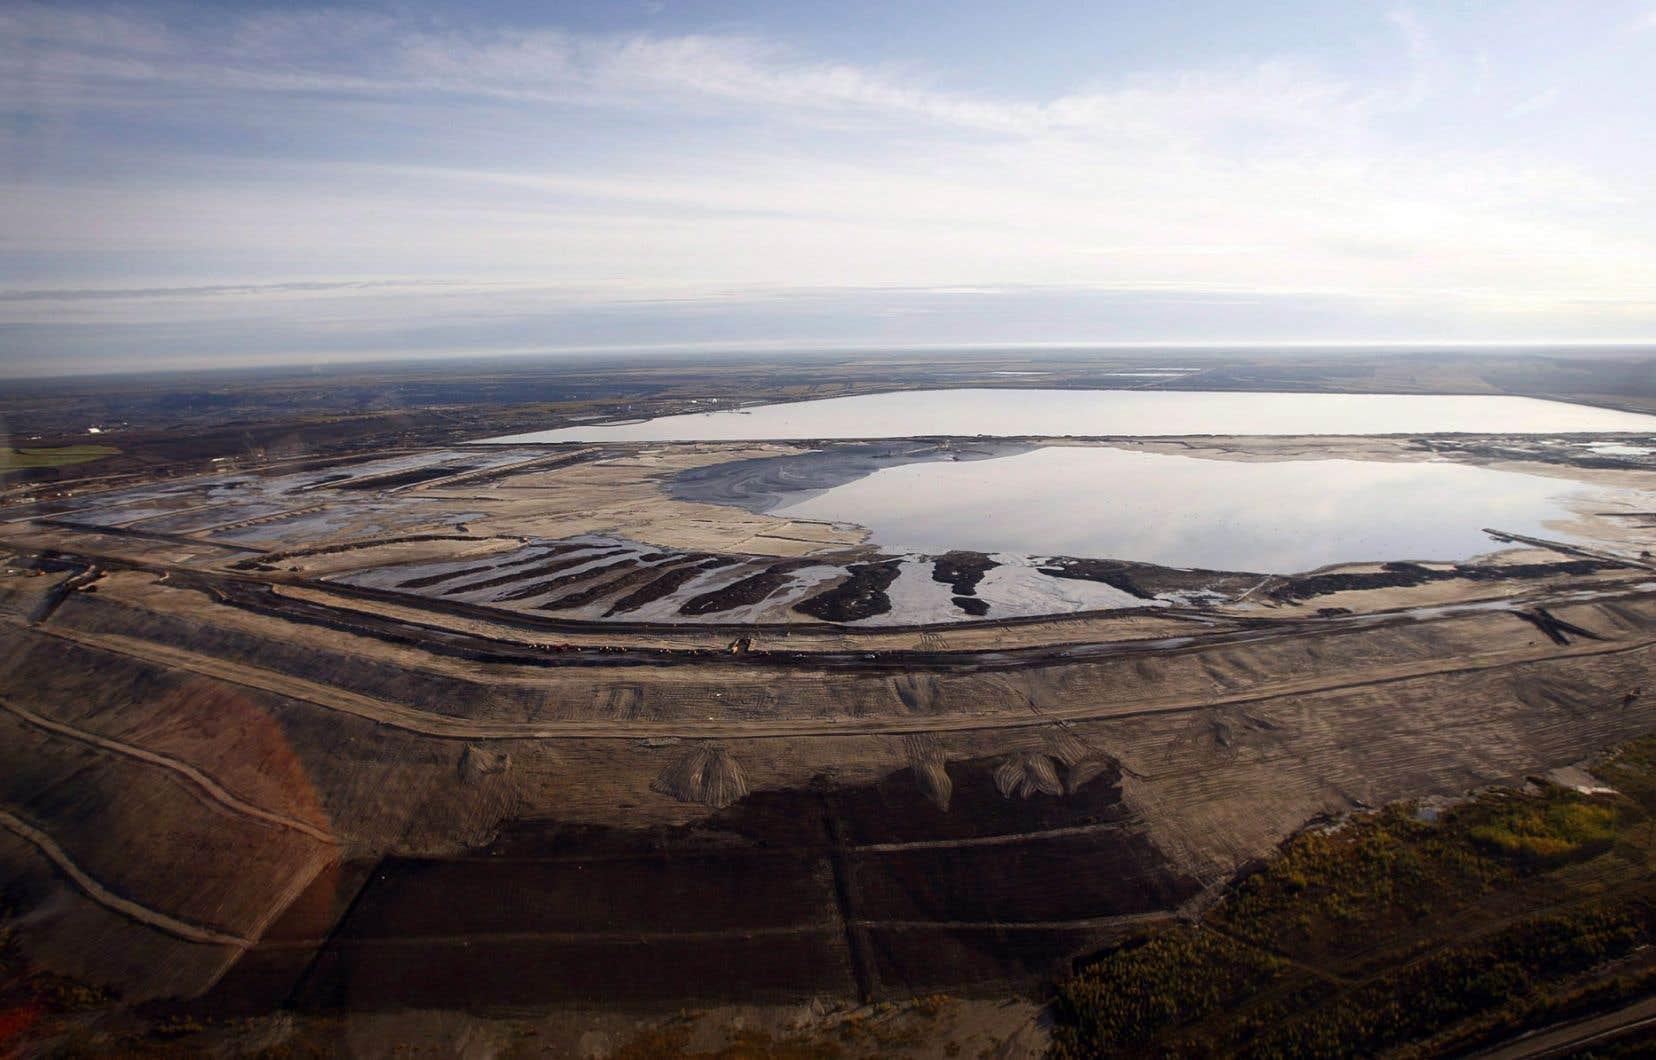 Des bassins de décantation contiennent l'eau chargée de résidus toxiques dans des installations près de Fort McMurray, en Alberta.